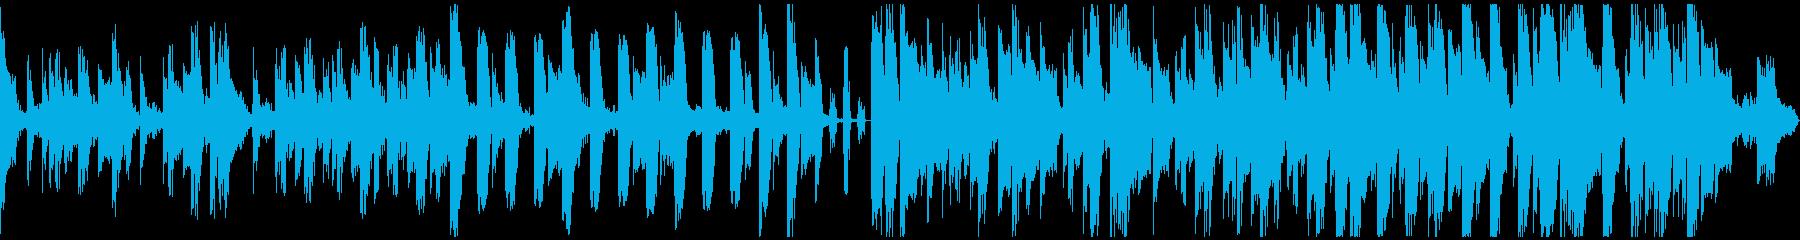 サクッとかるフワなシンプル短尺BGMの再生済みの波形